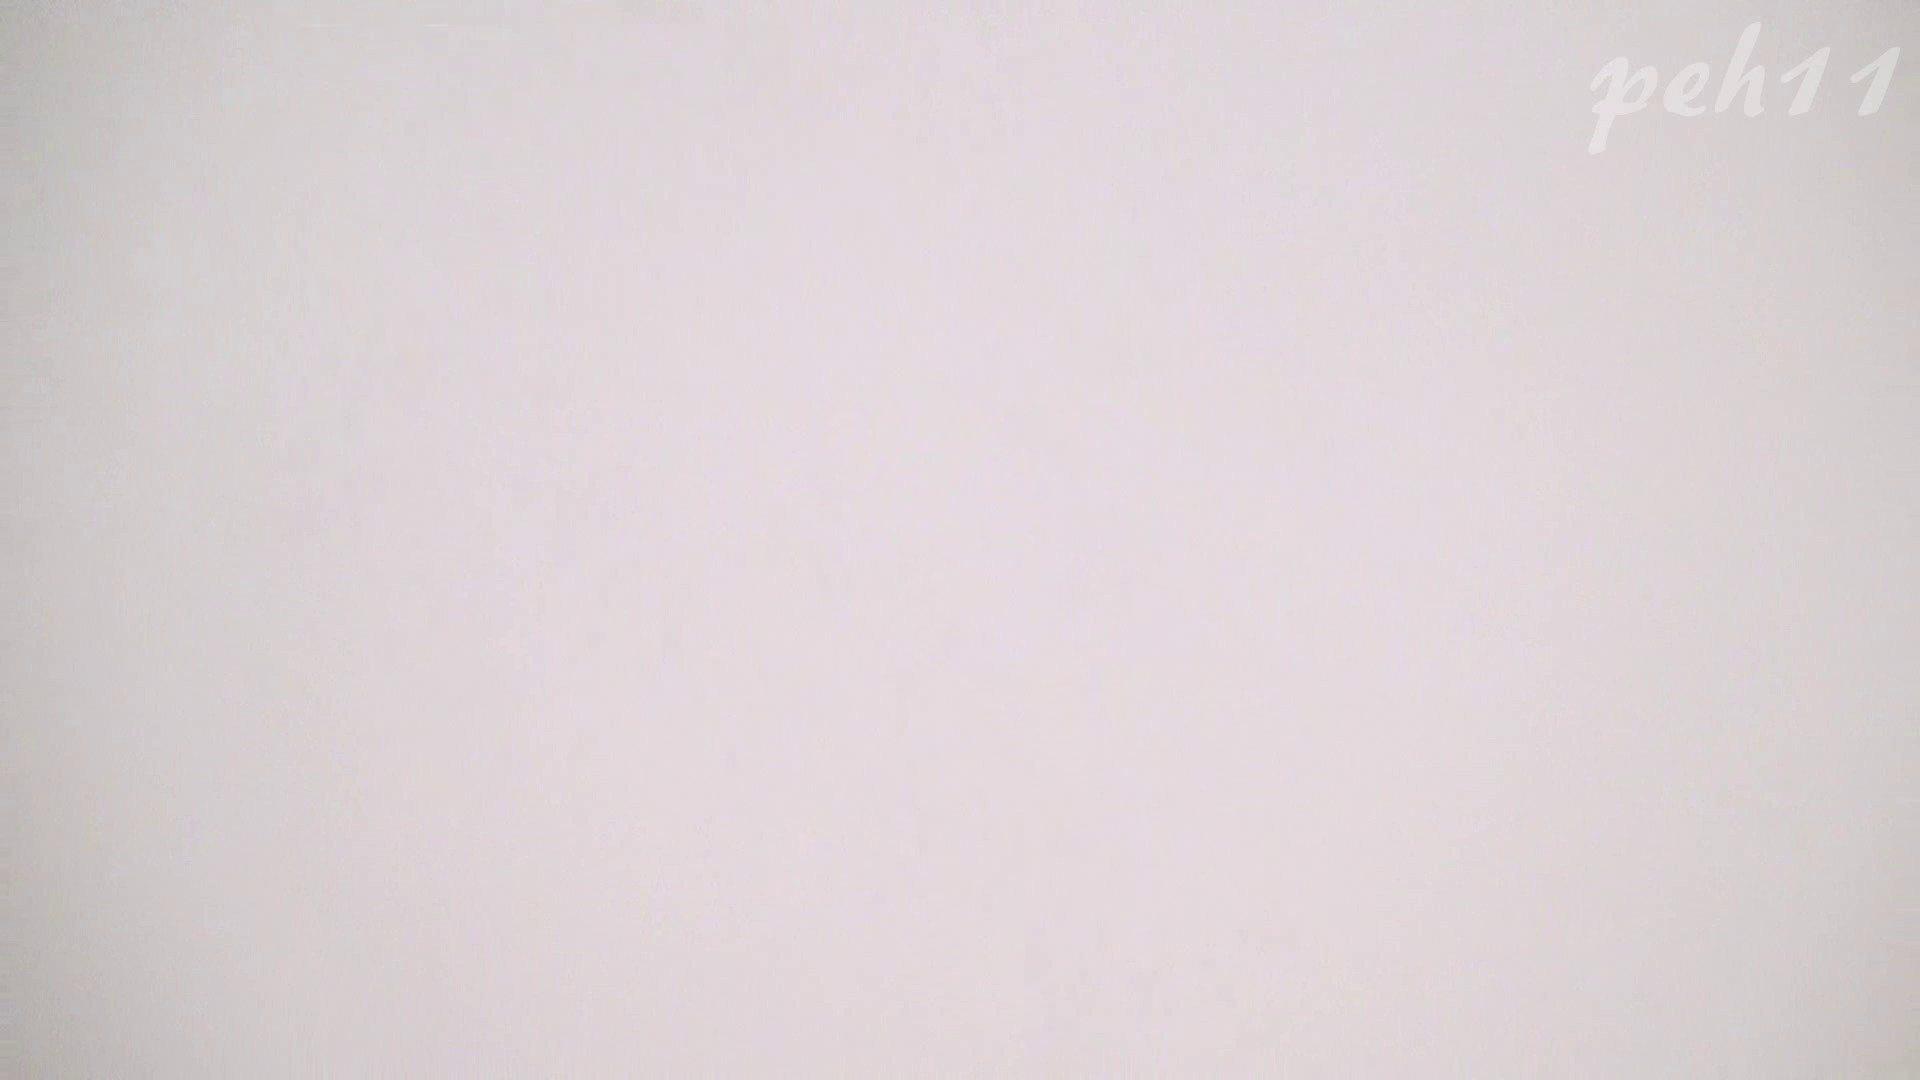 ※100個限定販売 至高下半身盗撮 プレミアム Vol.11 ハイビジョン 洗面所シーン  87画像 12